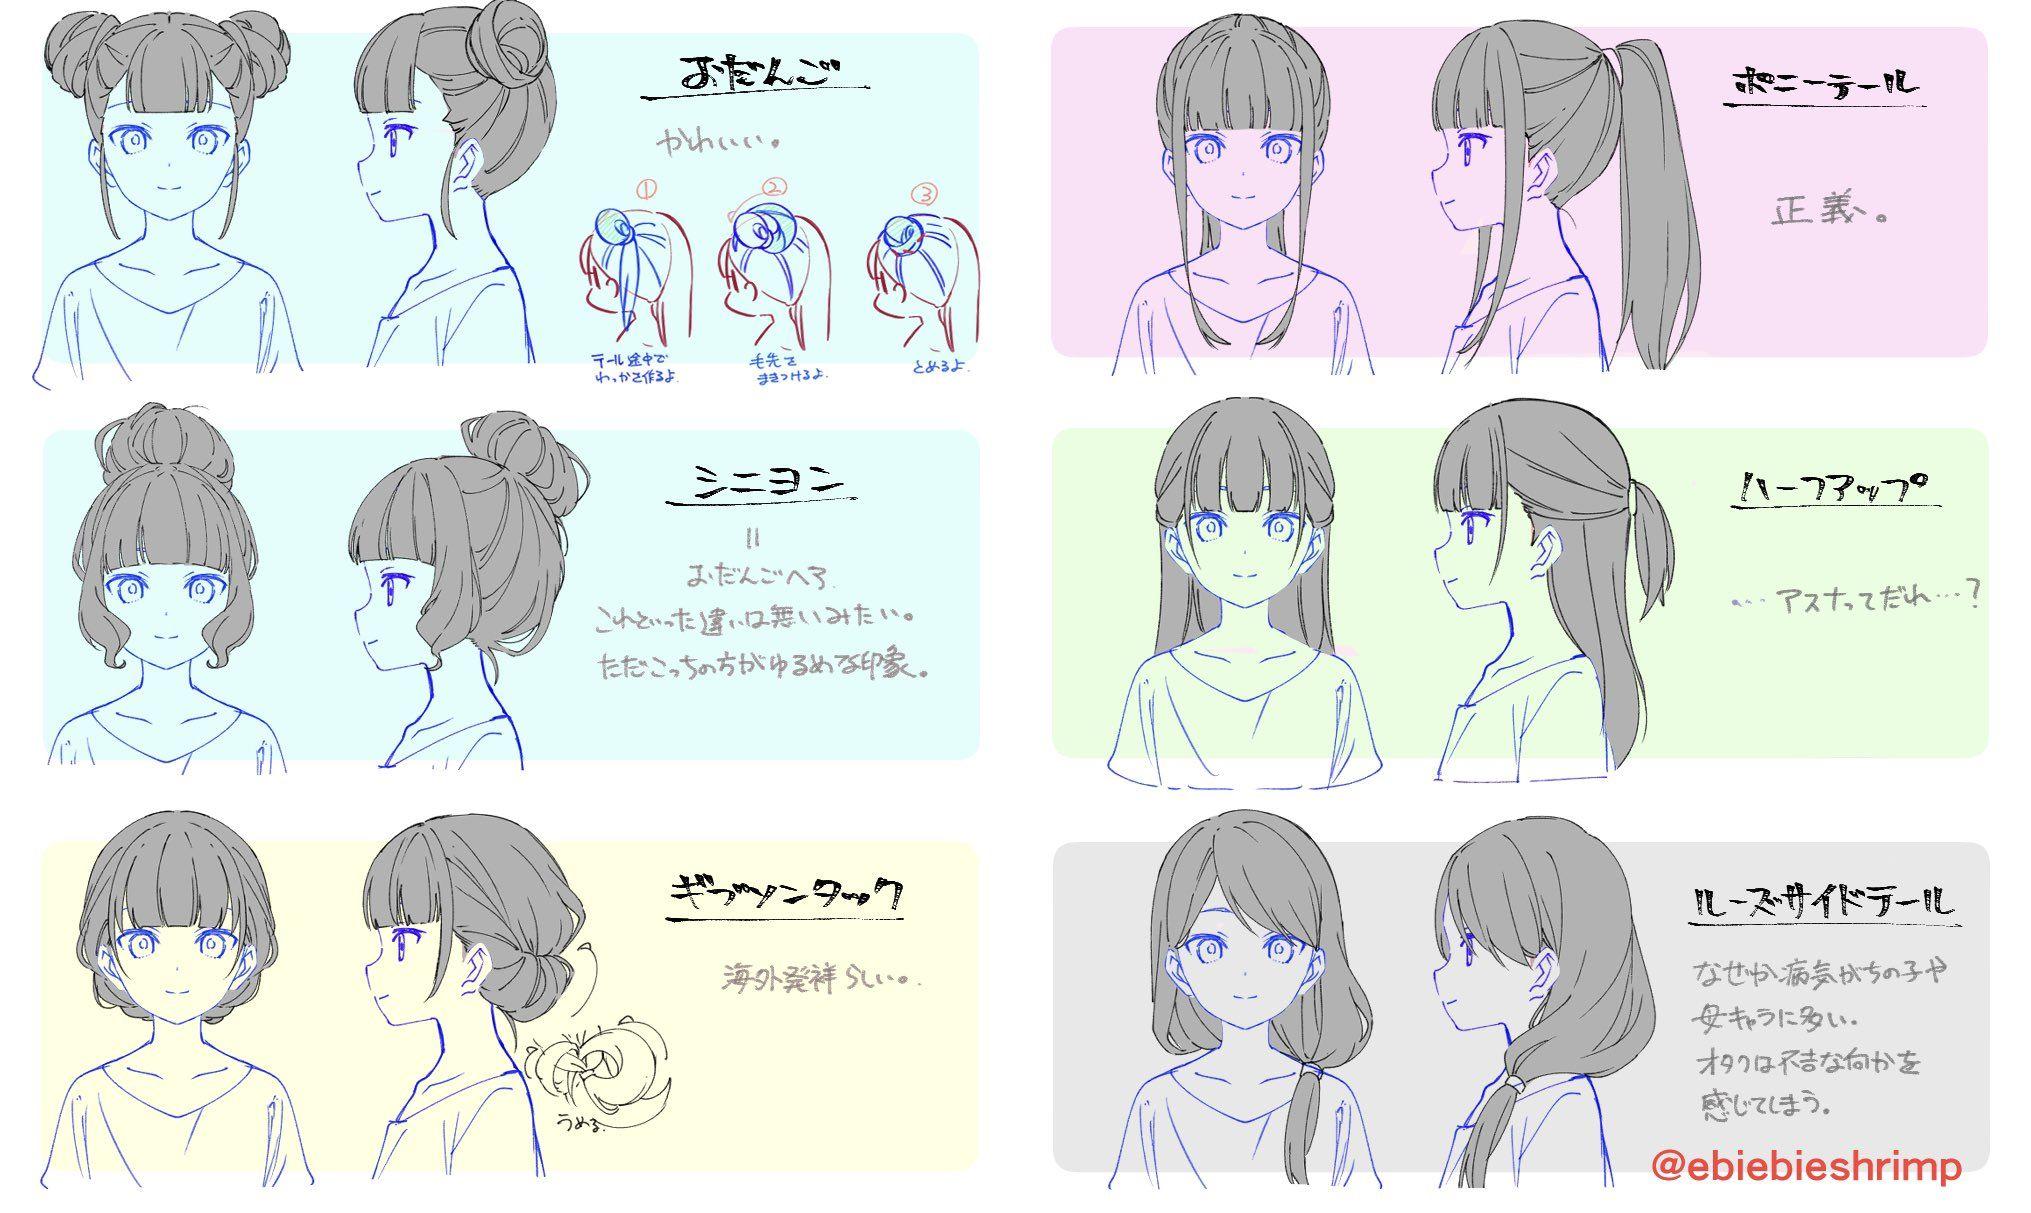 朱里 Shuri On Twitter How To Draw Hair Hair Sketch Character Model Sheet